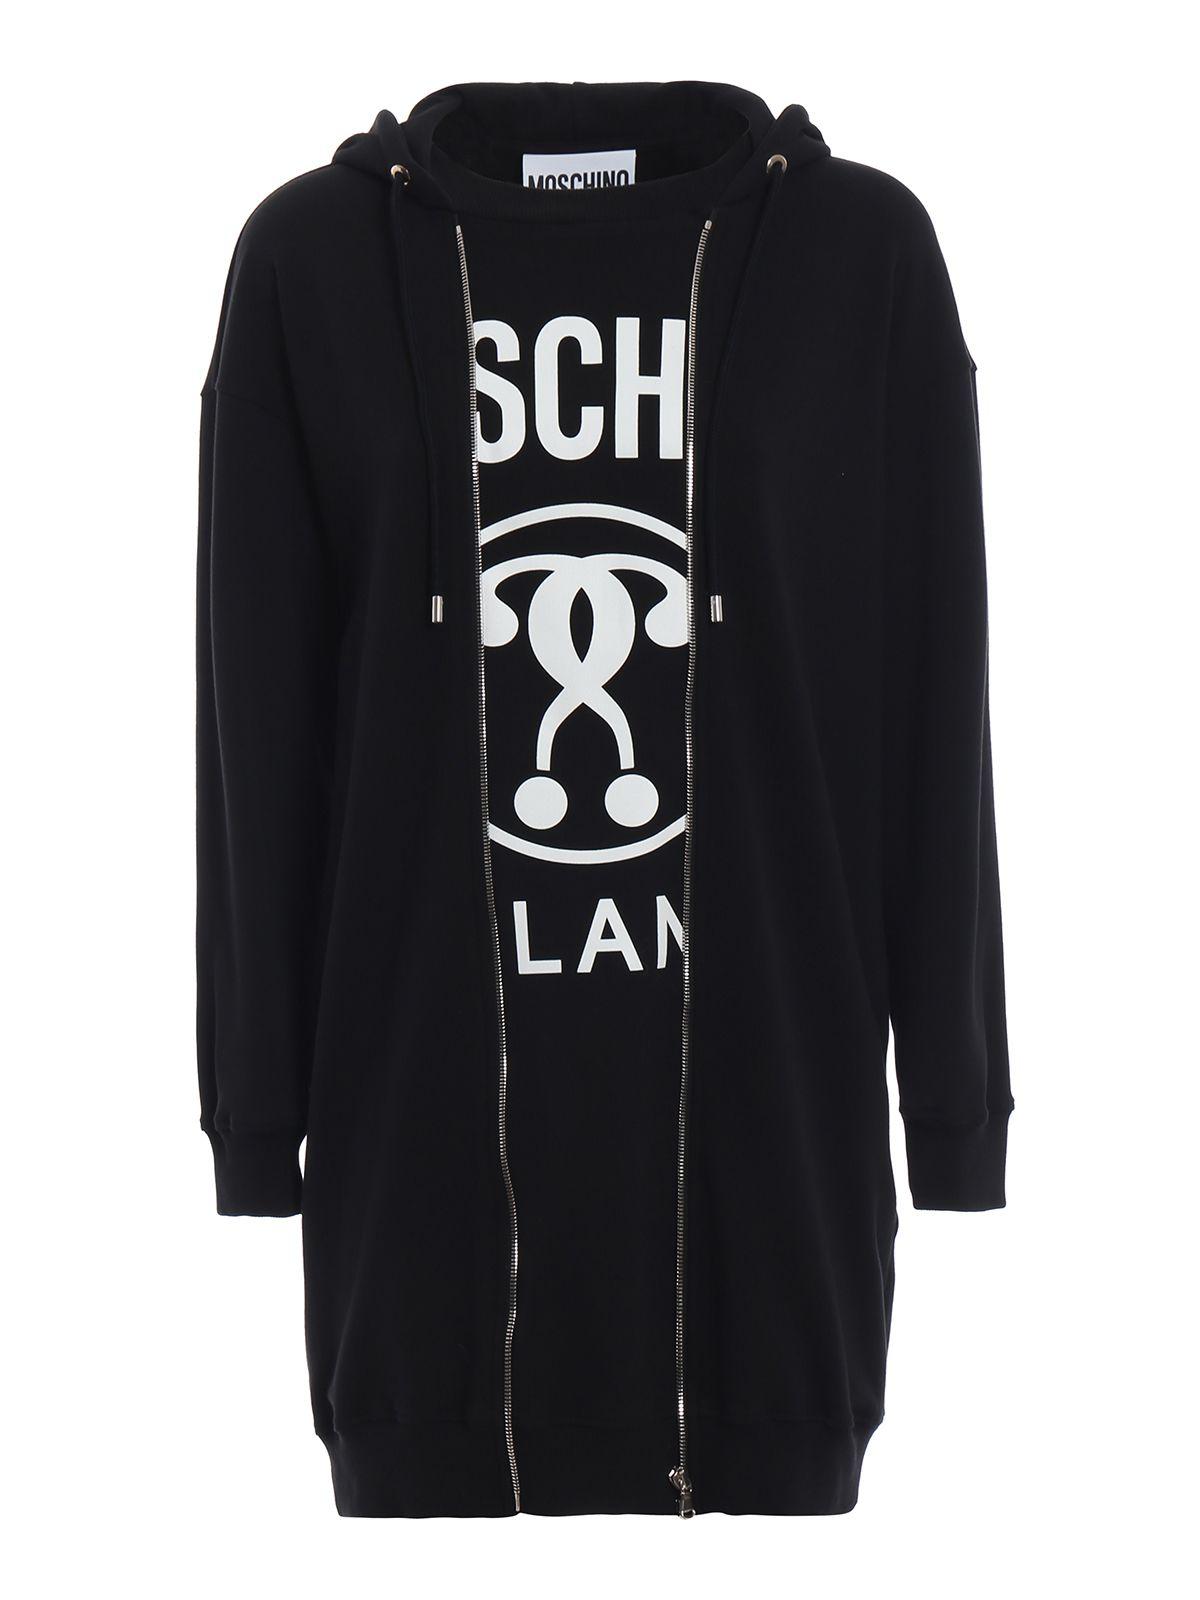 Trompe L'Oeil Sweatshirt Dress in Black